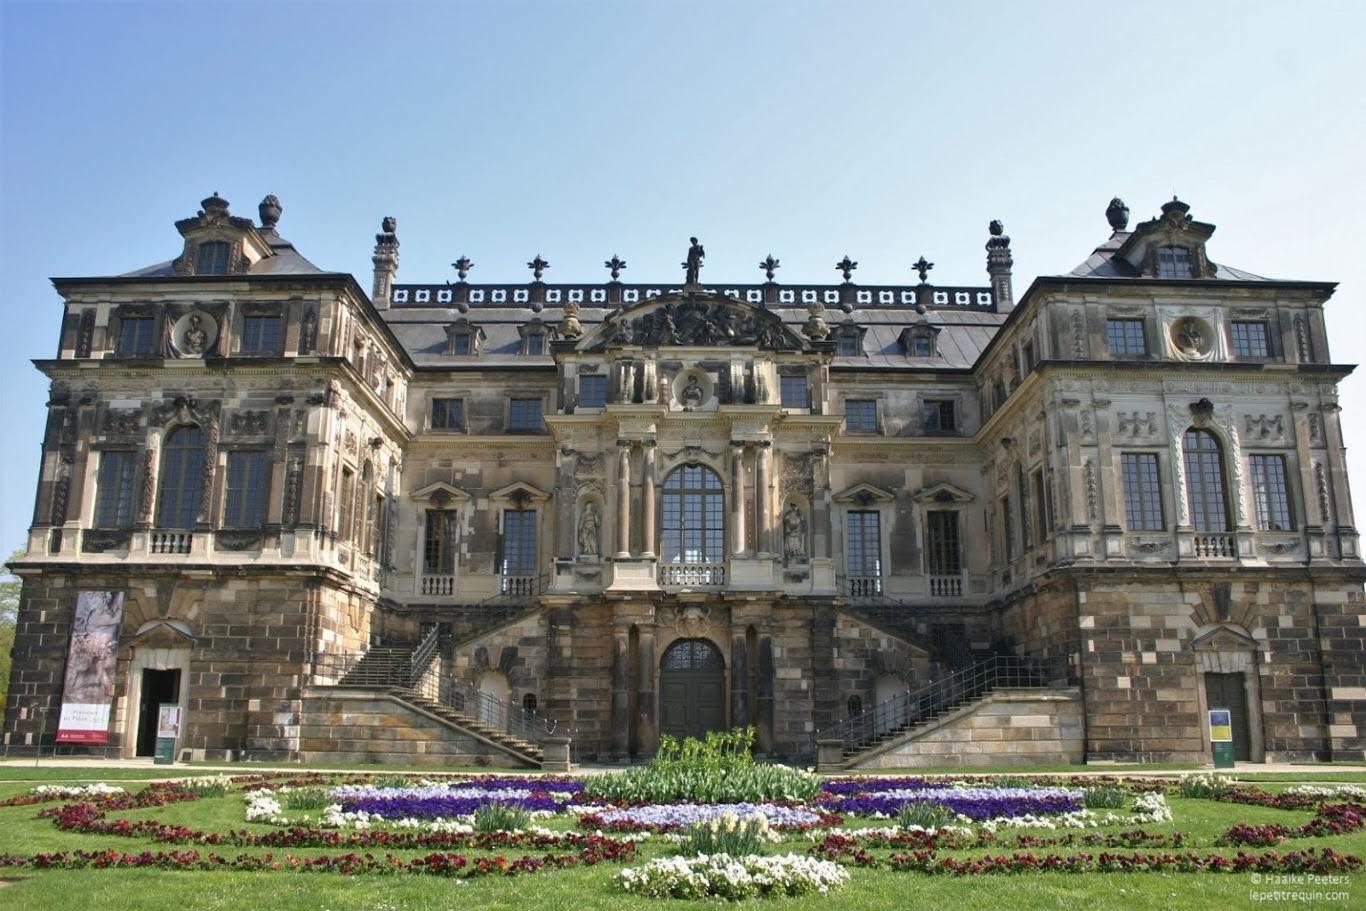 Palais im Grosser Garten Dresden (Le petit requin)